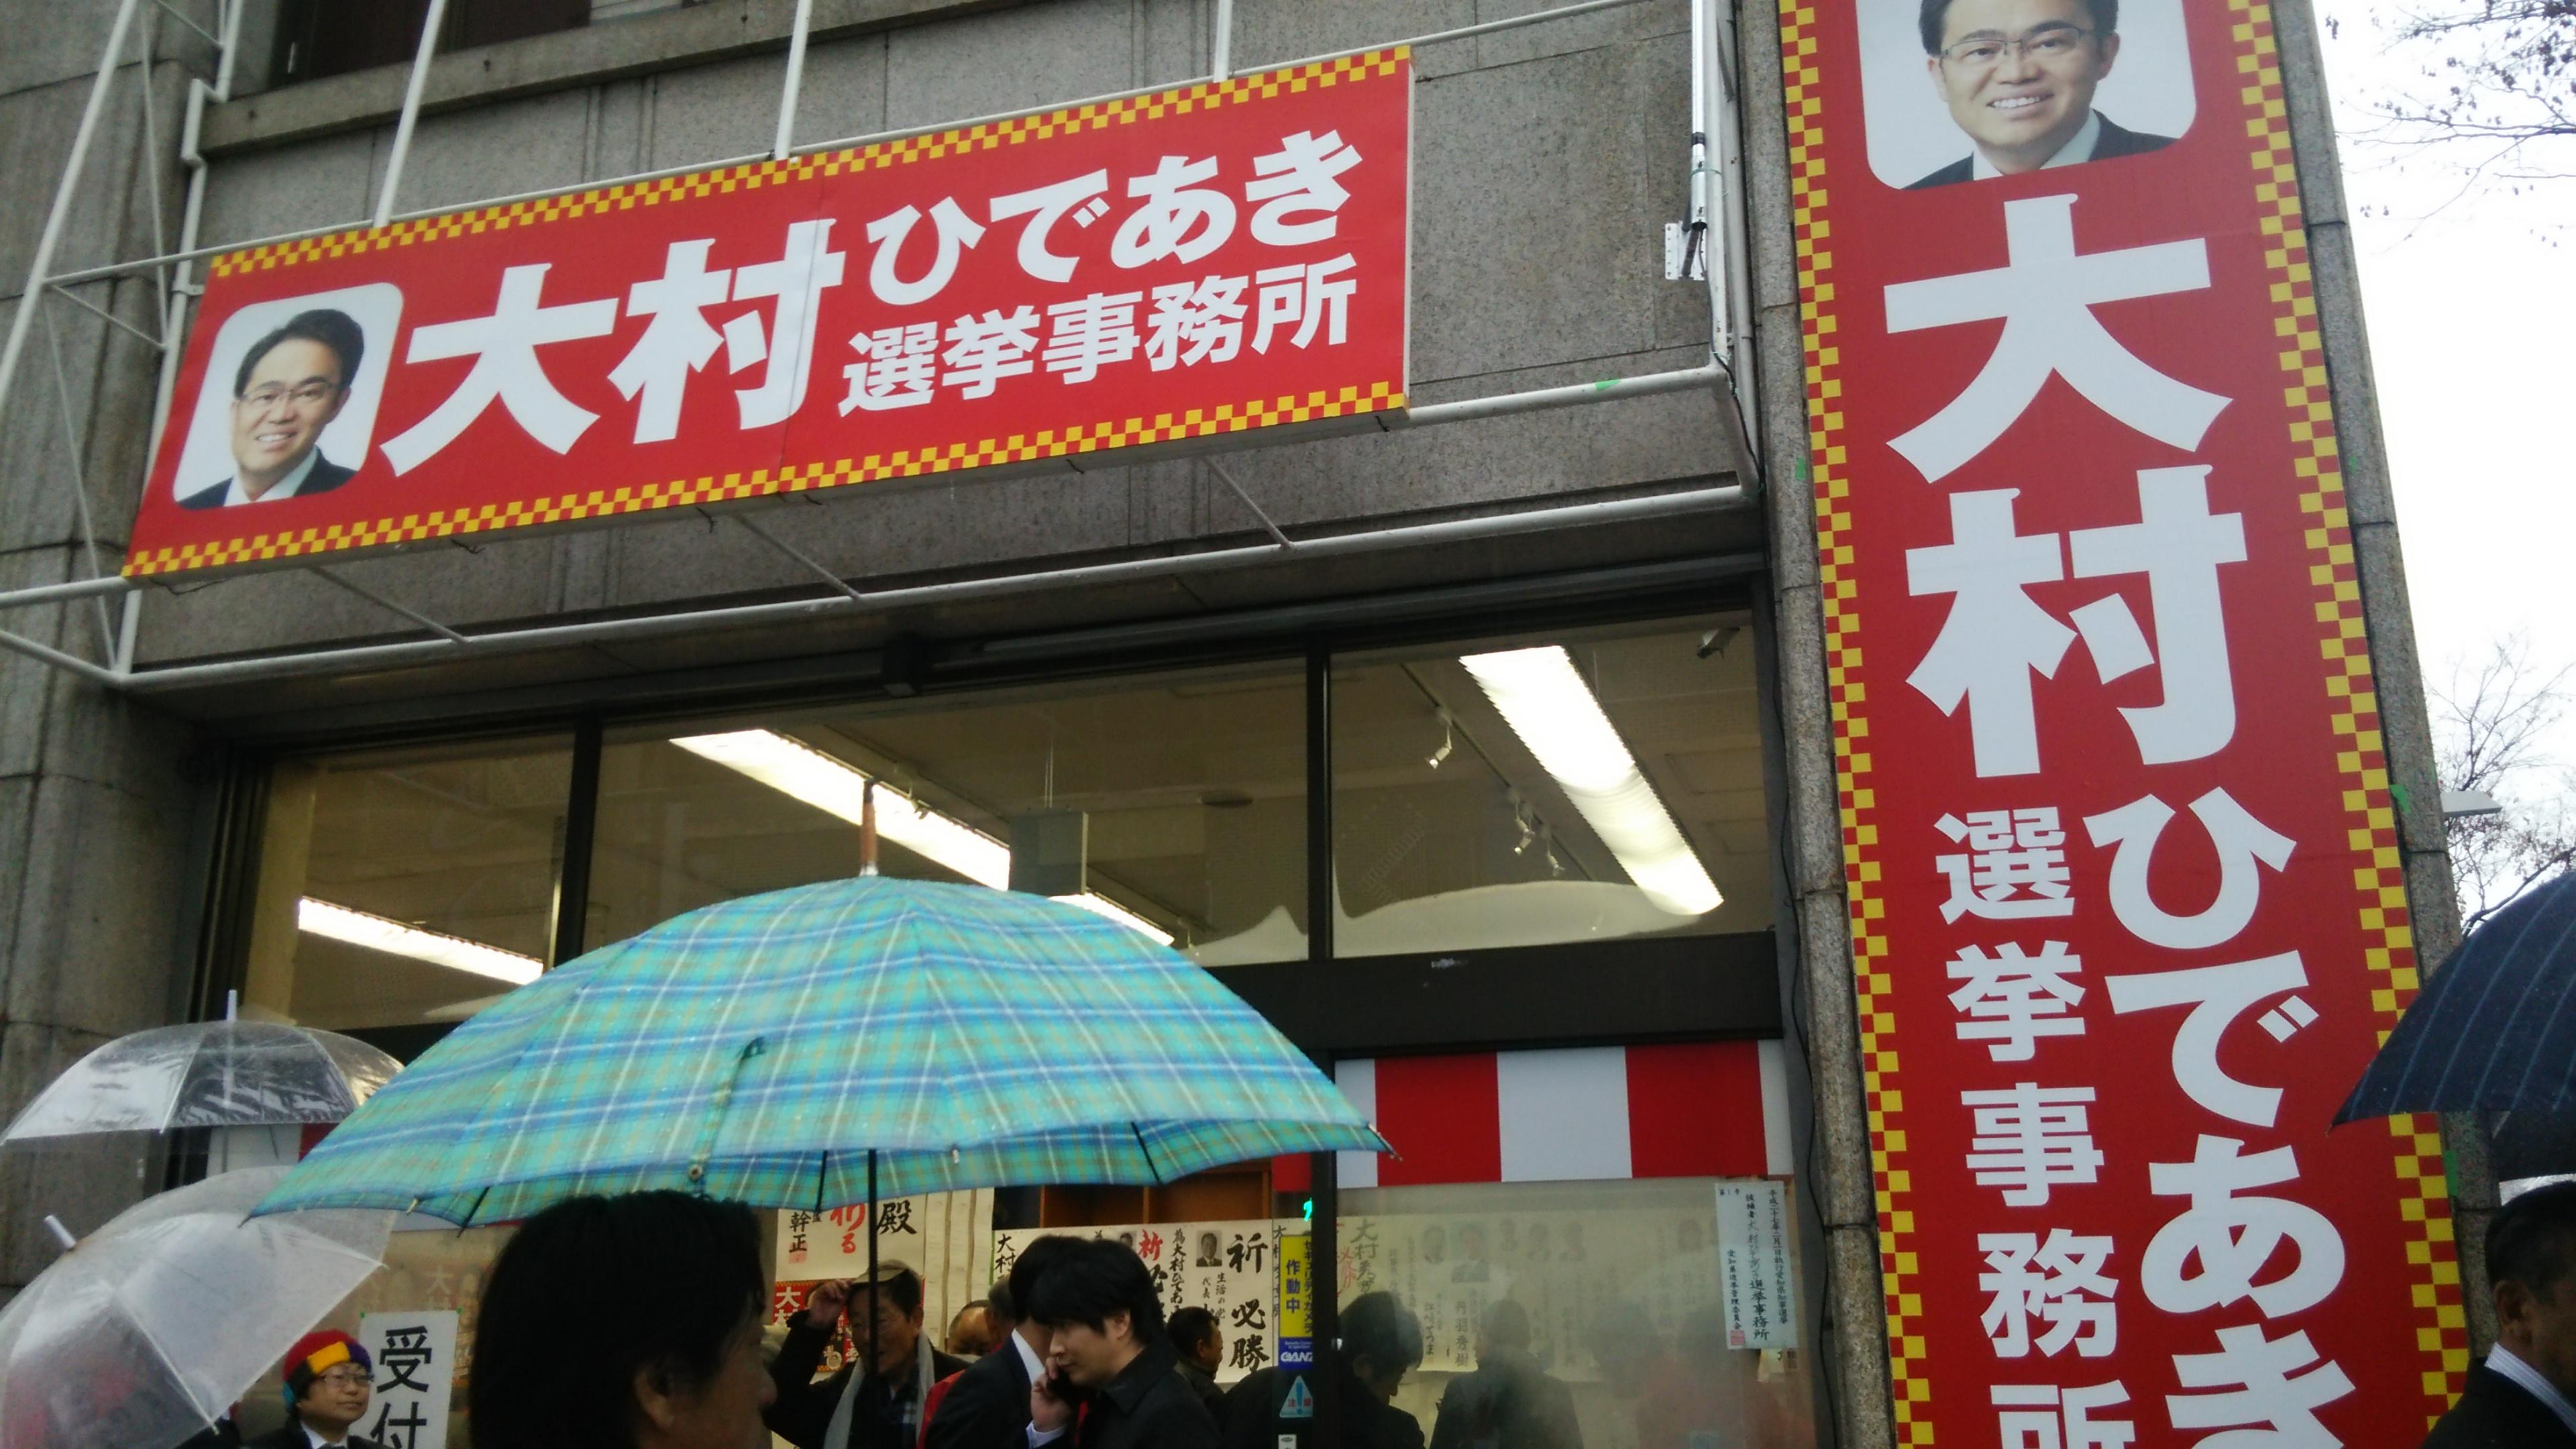 愛知県知事選挙 | 国政直記 Off...